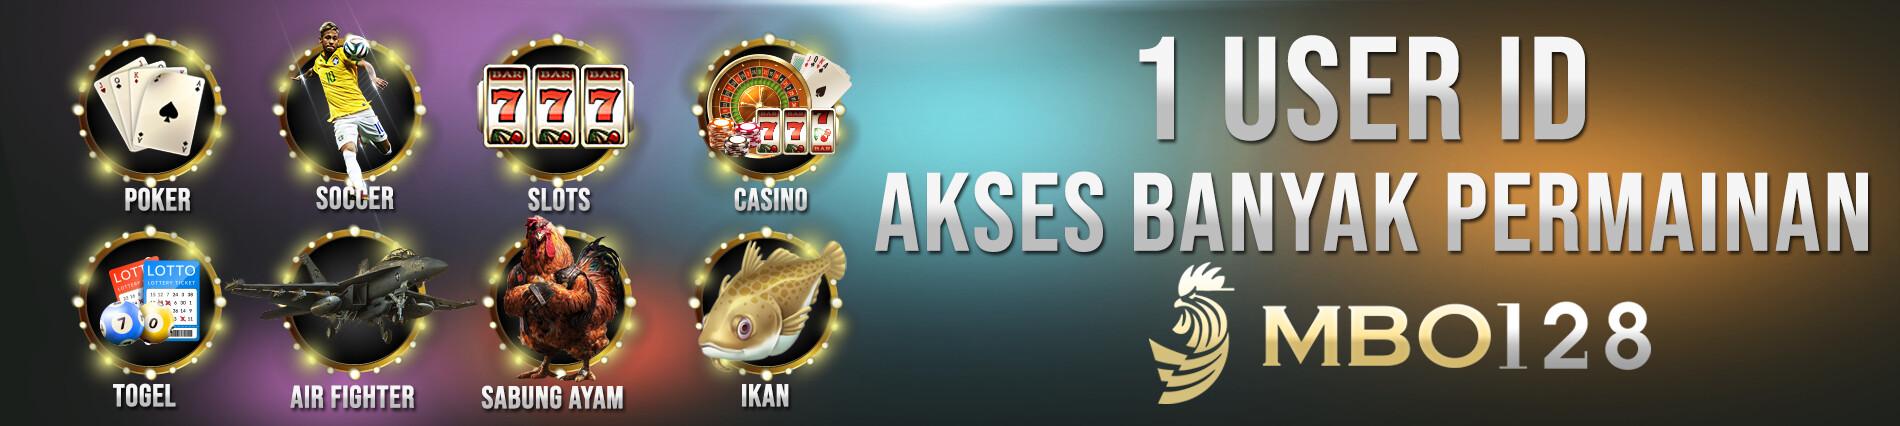 Artstation Mbo128 Situs Slot Online Indonesia Situs Judi Slot Online Terpercaya Sasa Queen